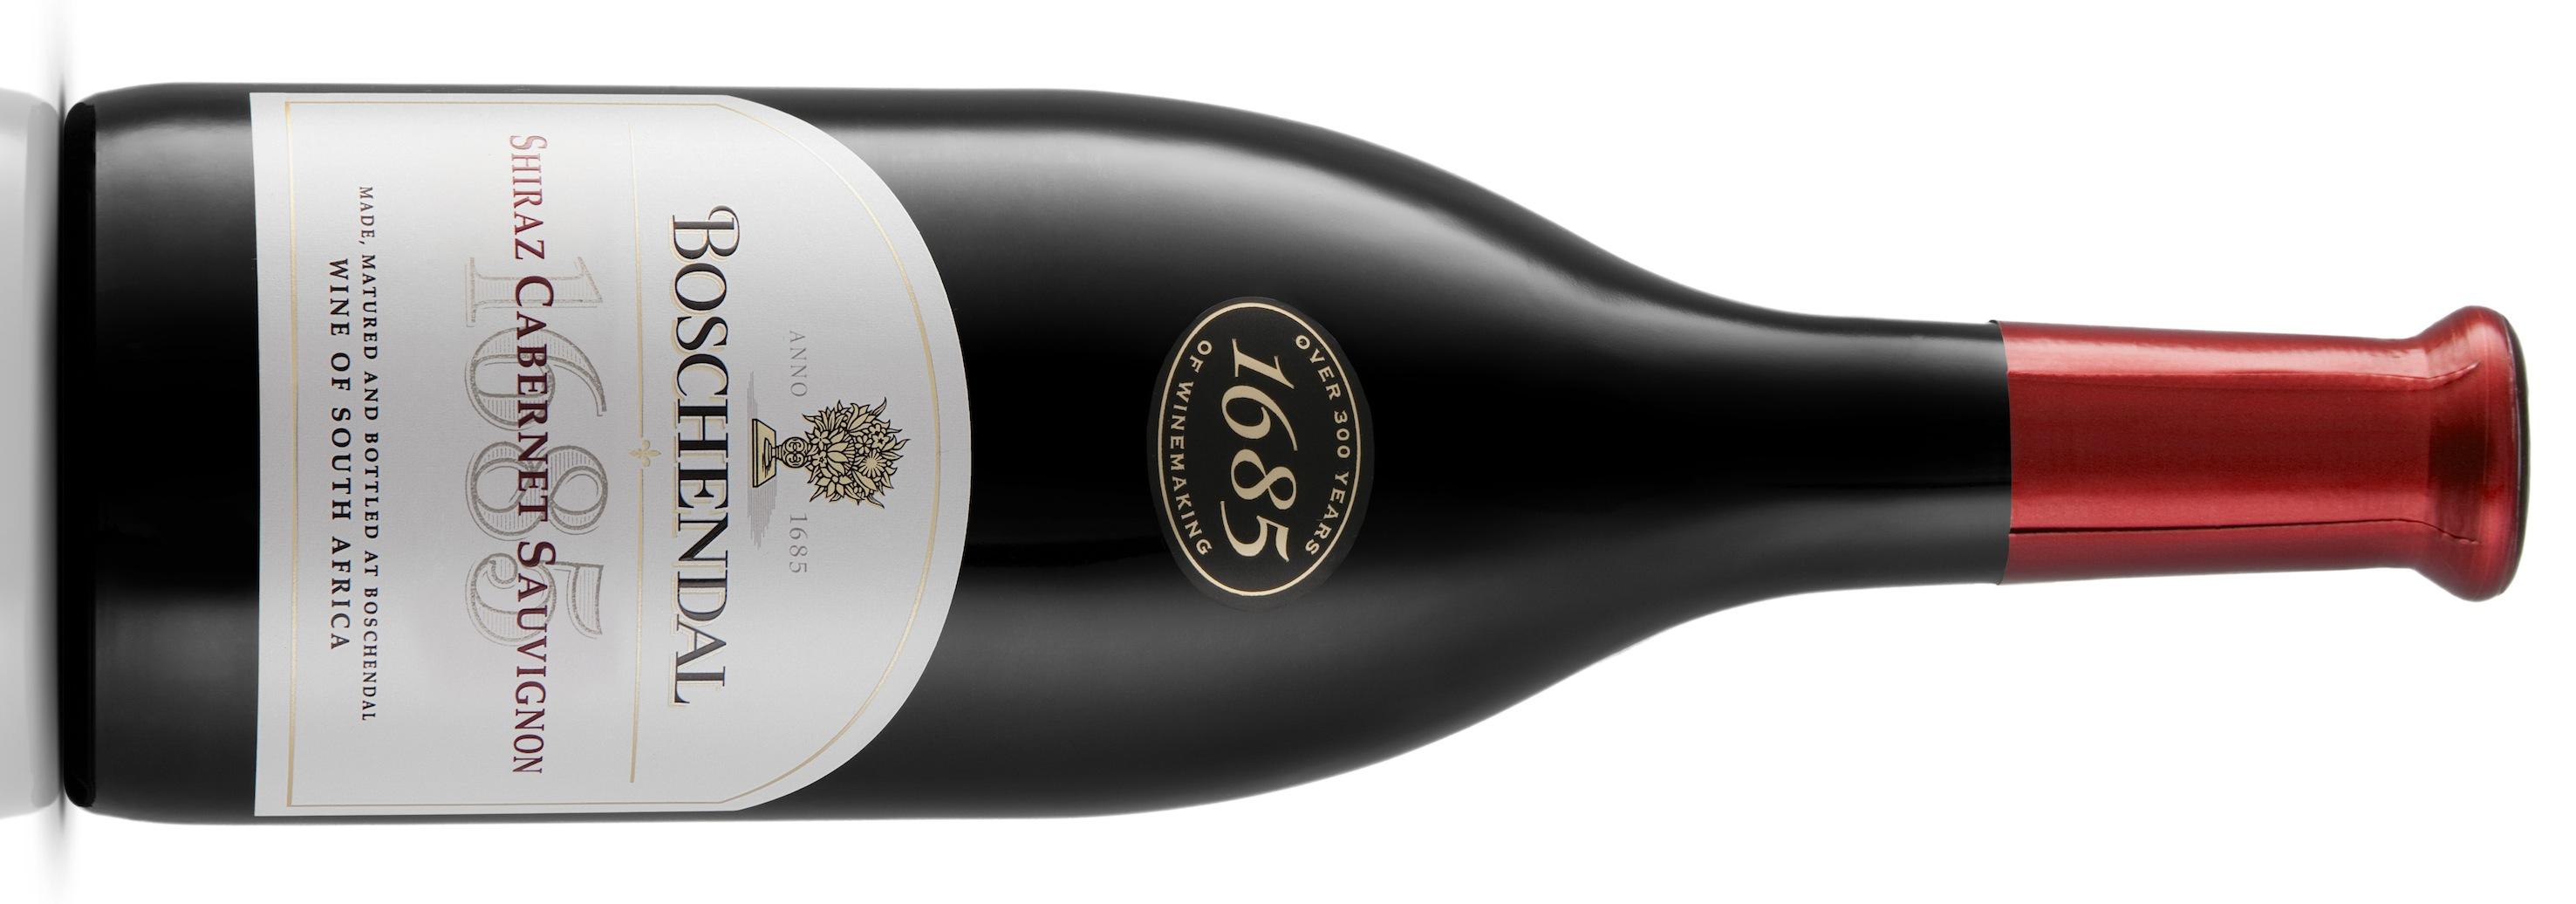 Boschendal wine estate michael olivier for Boschendal wine